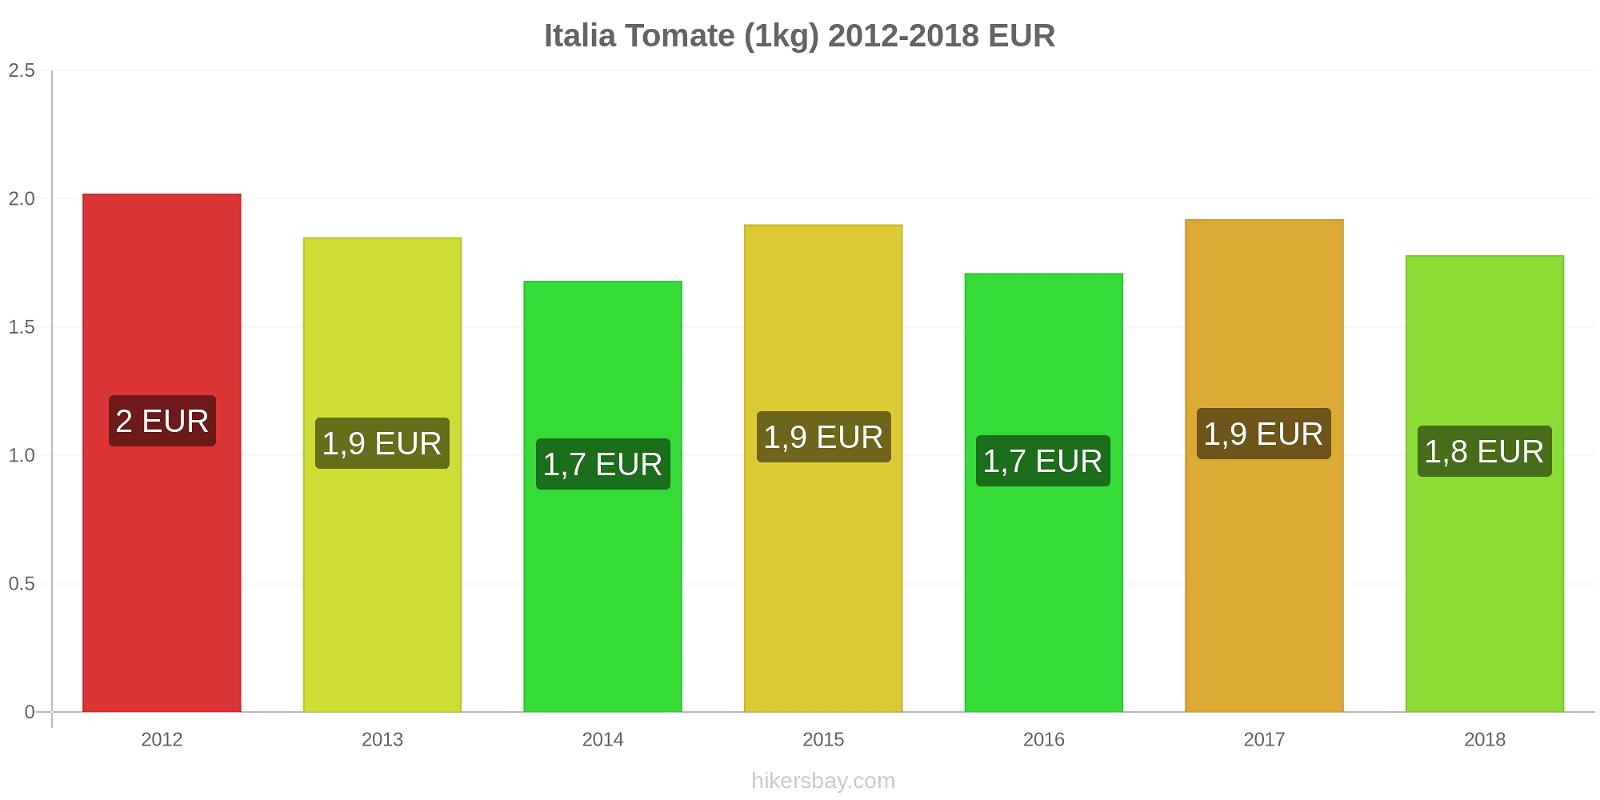 Italia modificări de preț Tomate (1kg) hikersbay.com